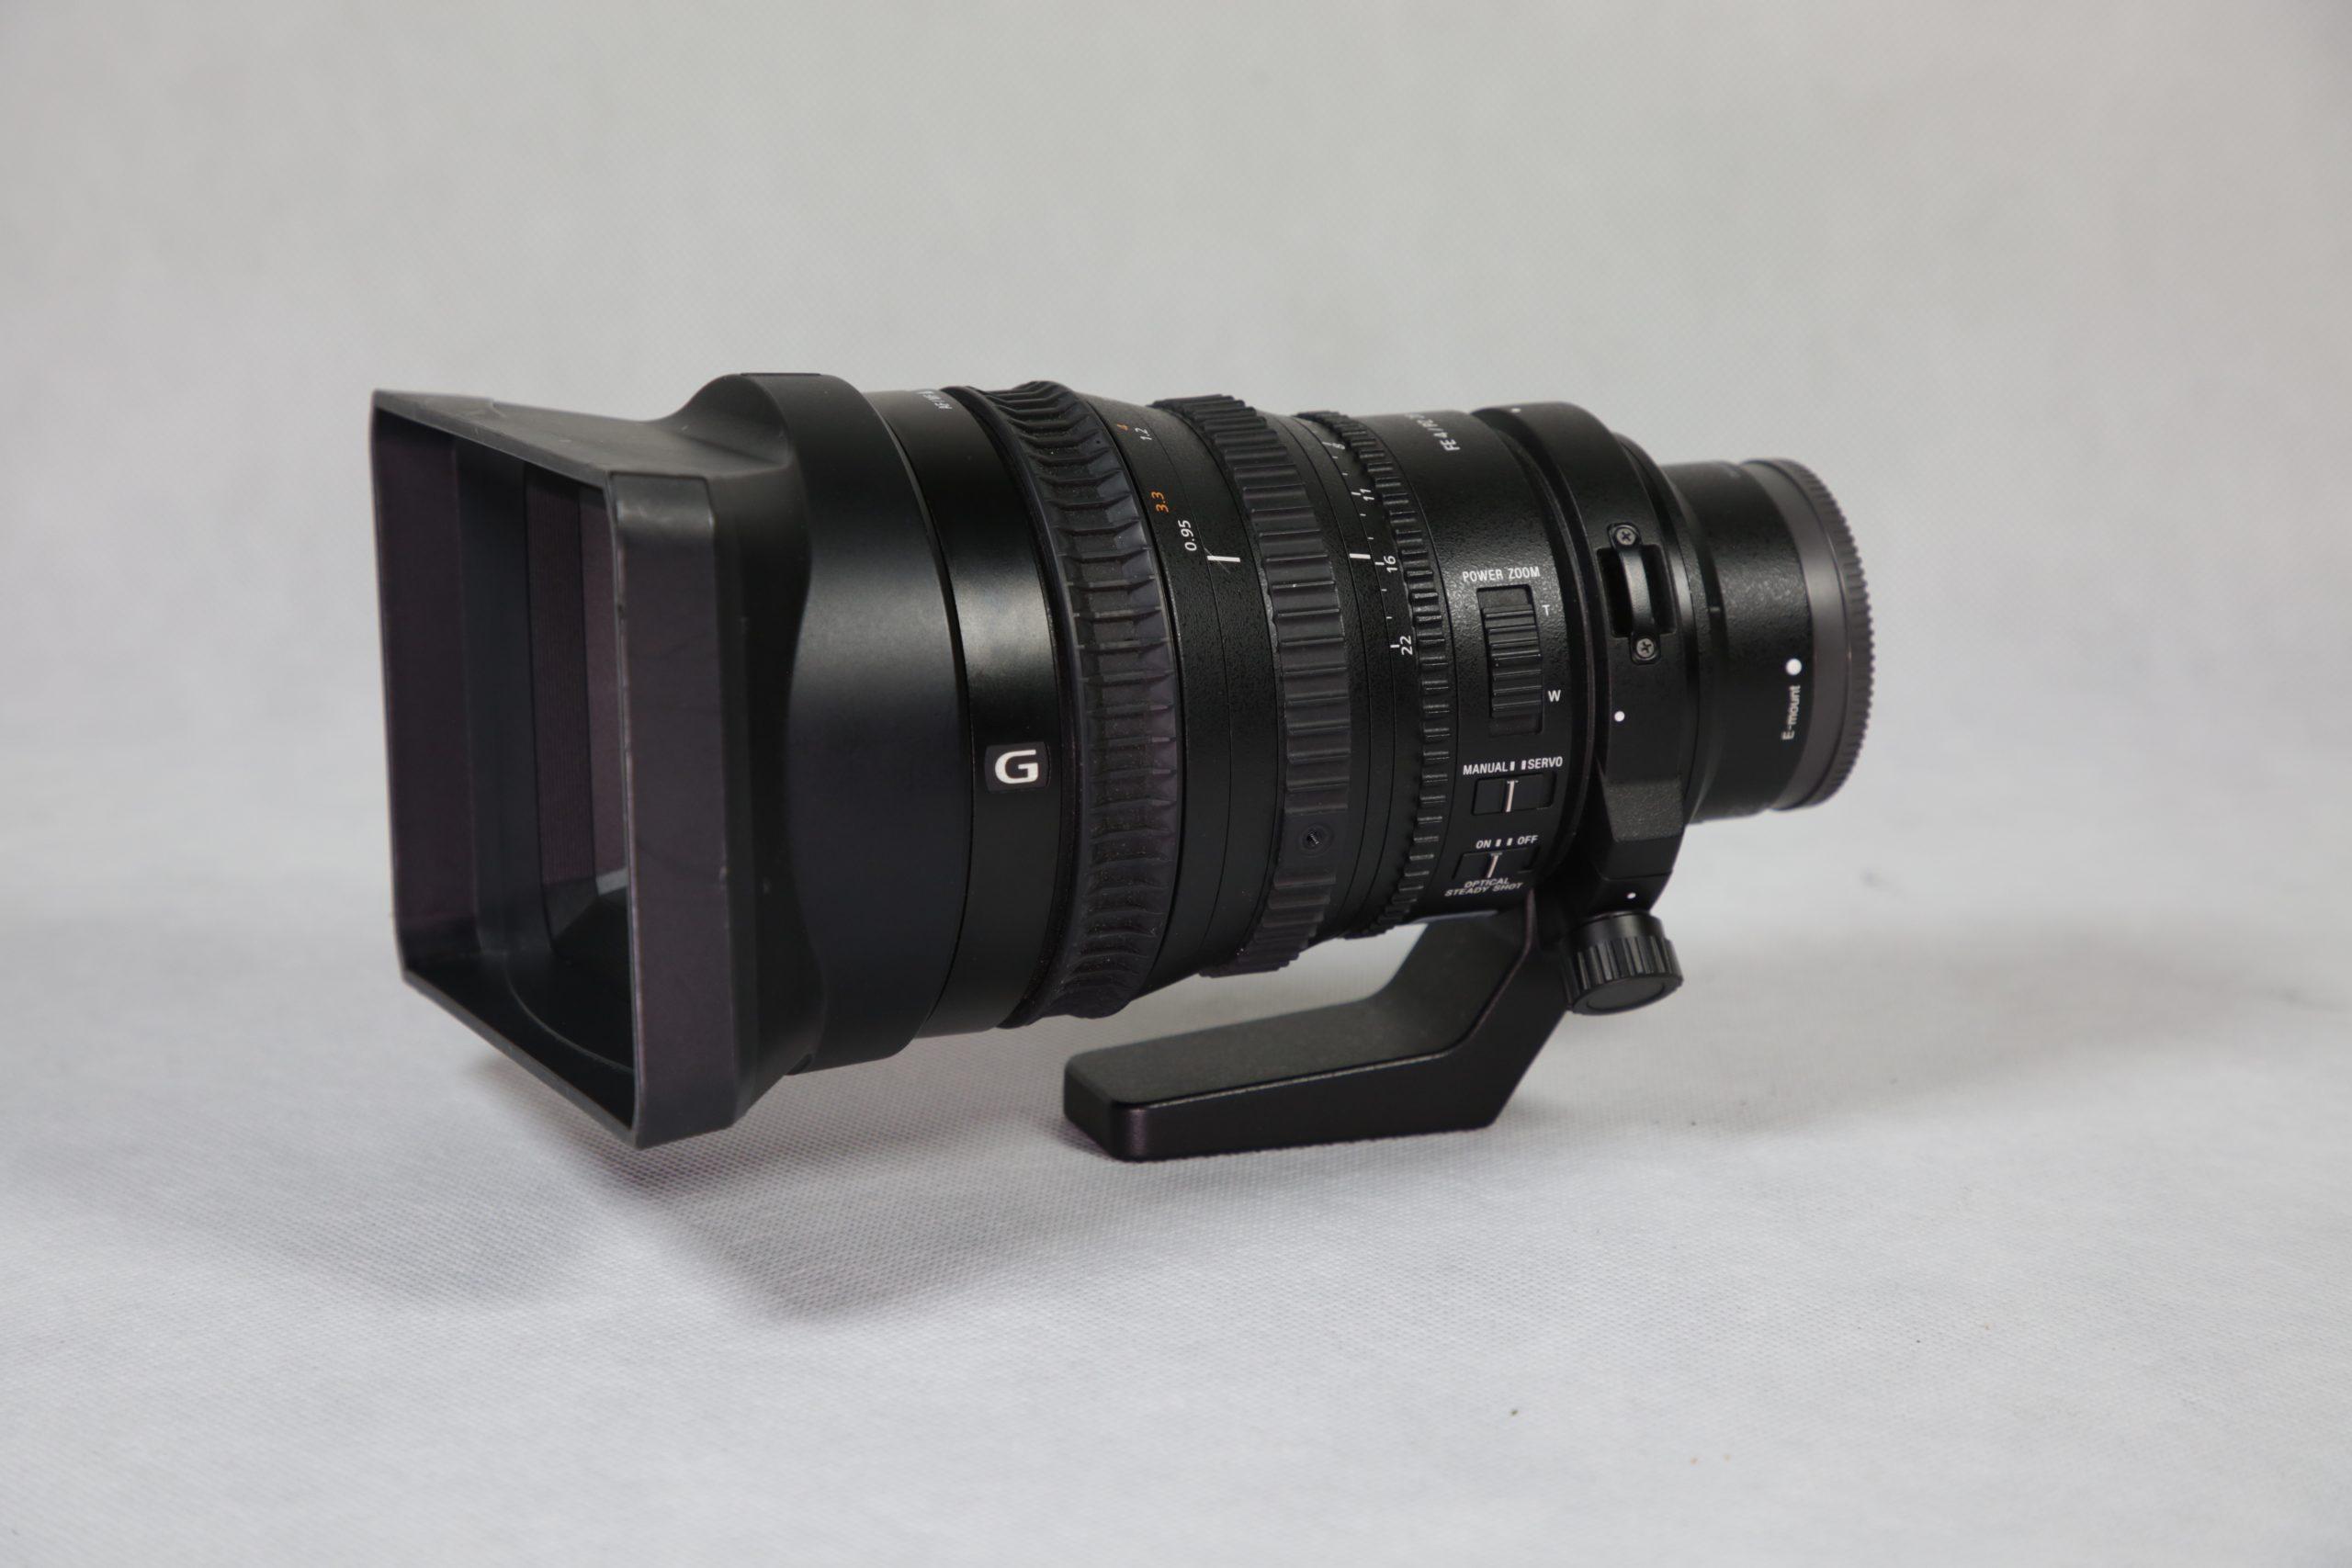 Sony FE PZ 28 - 135mm f4 G OSS